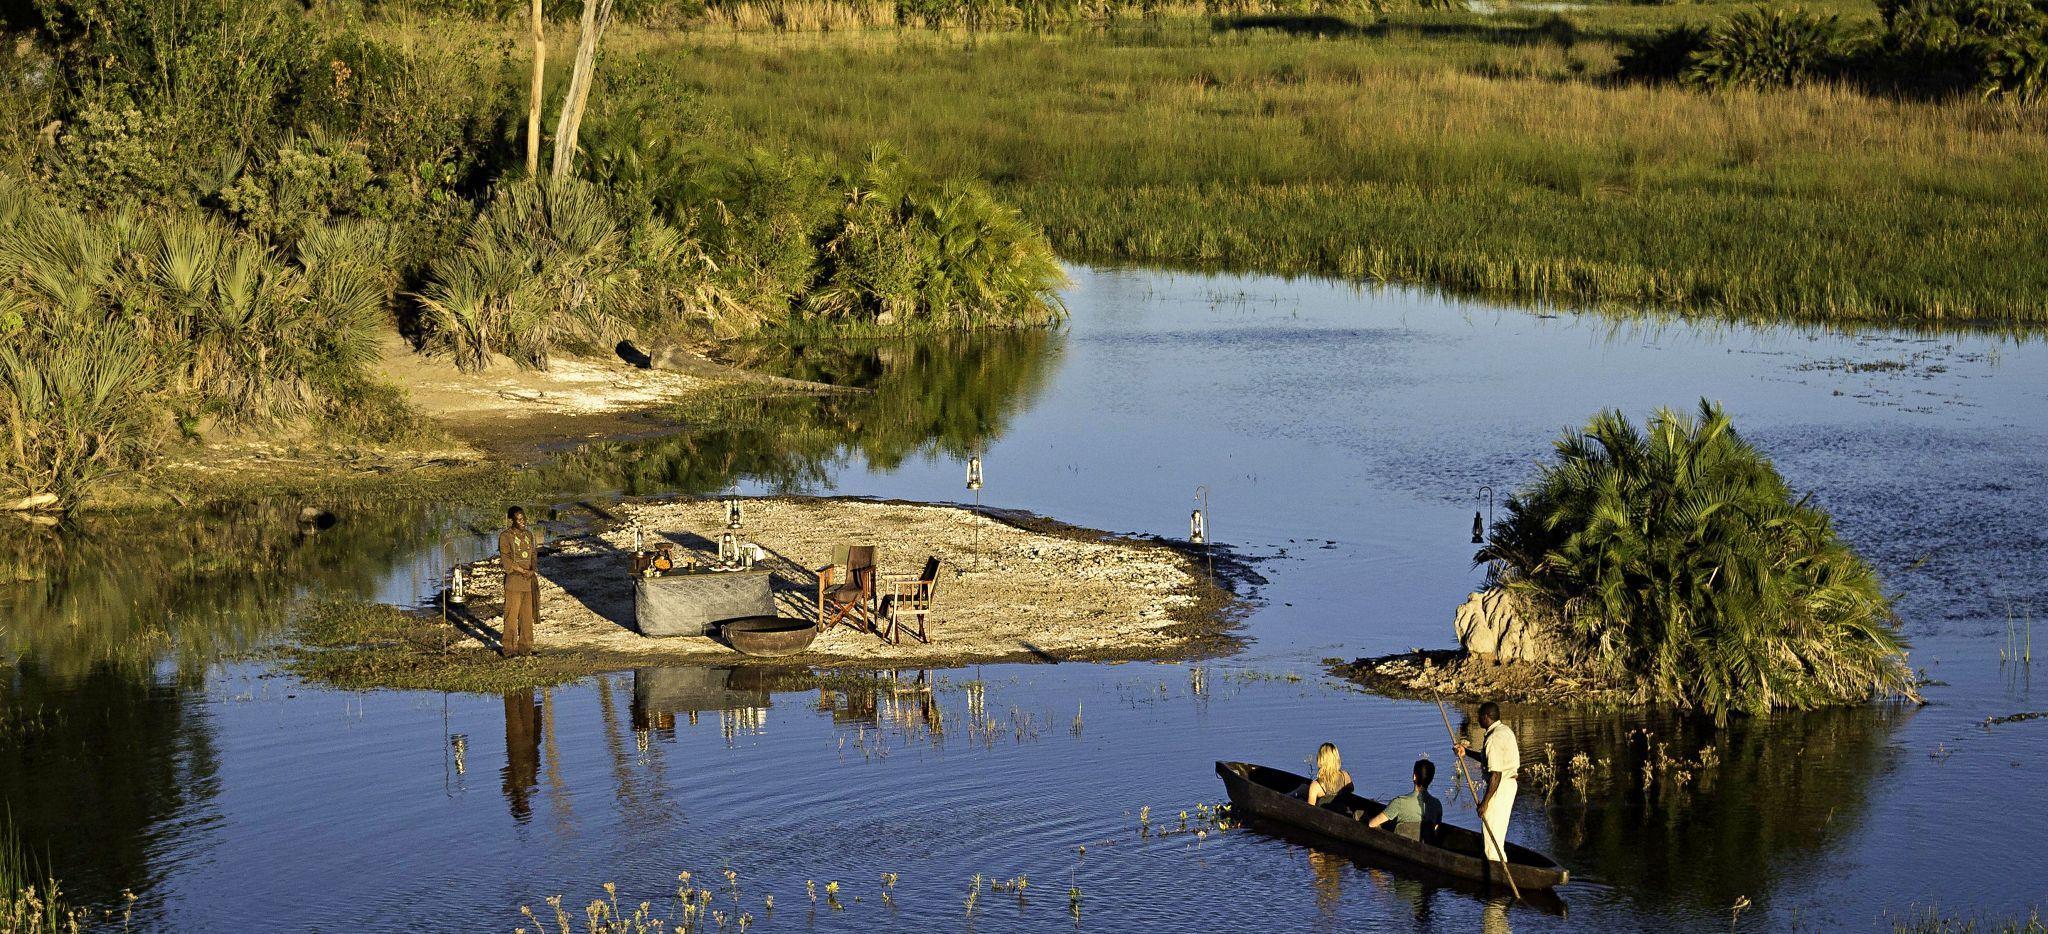 Vorbereitungen für ein Picknick auf einer kleinen Insel im Okavango Delta, Botsuana